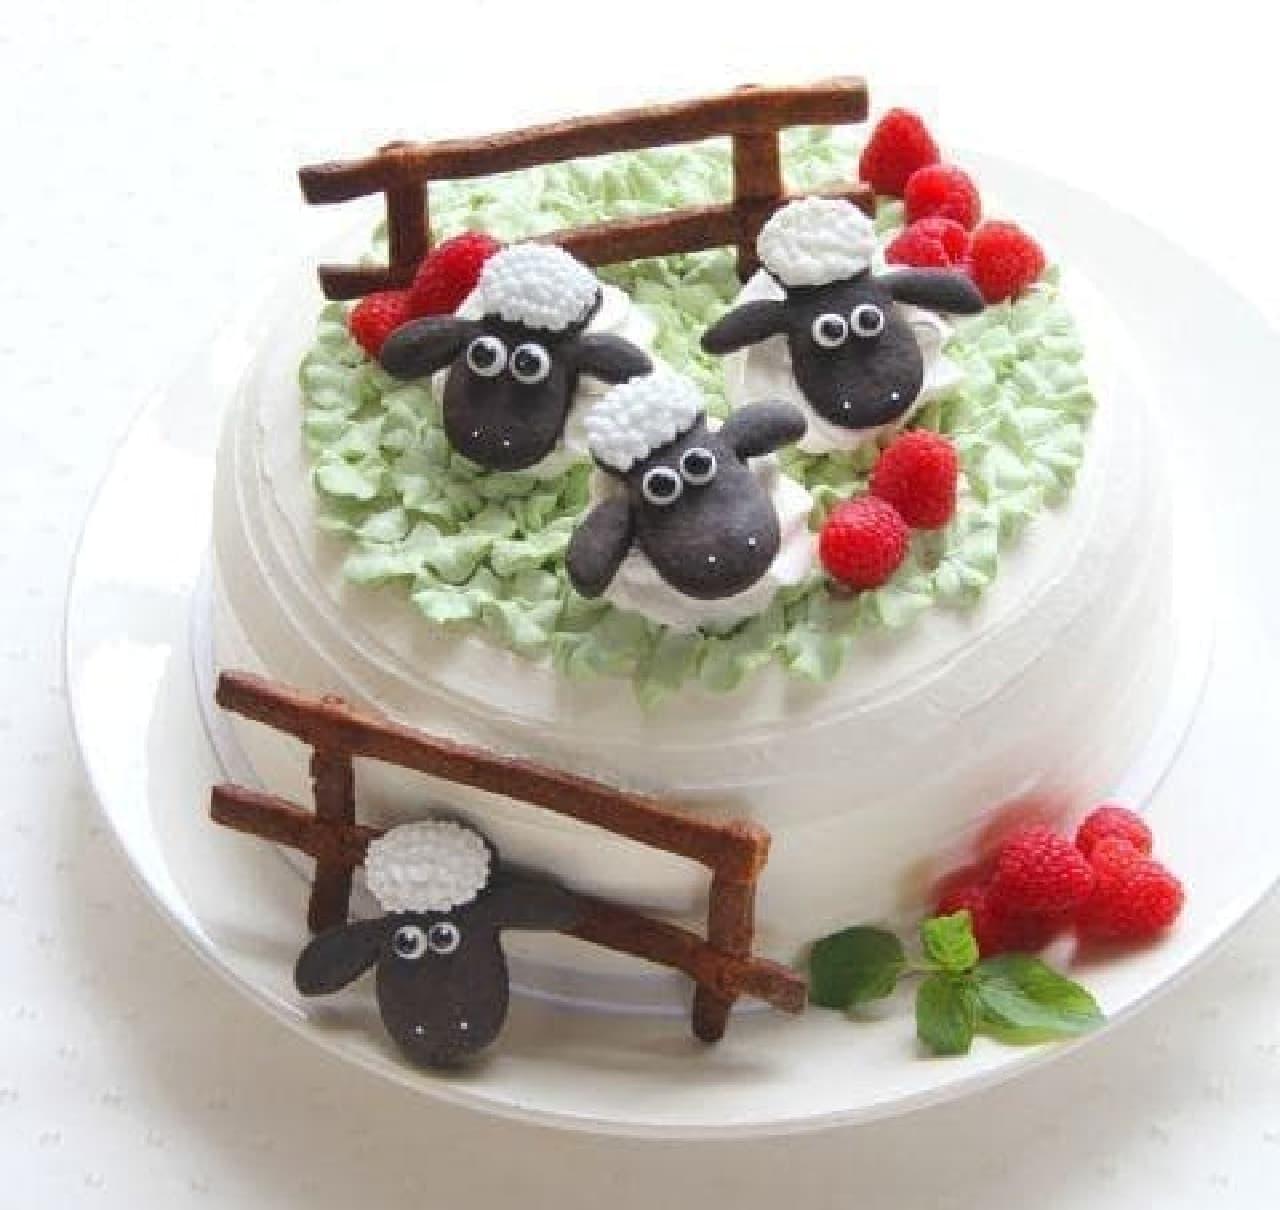 ひつじのショーンファームカフェ with サンデーブランチ「ショーンファームフルーツショートケーキ」